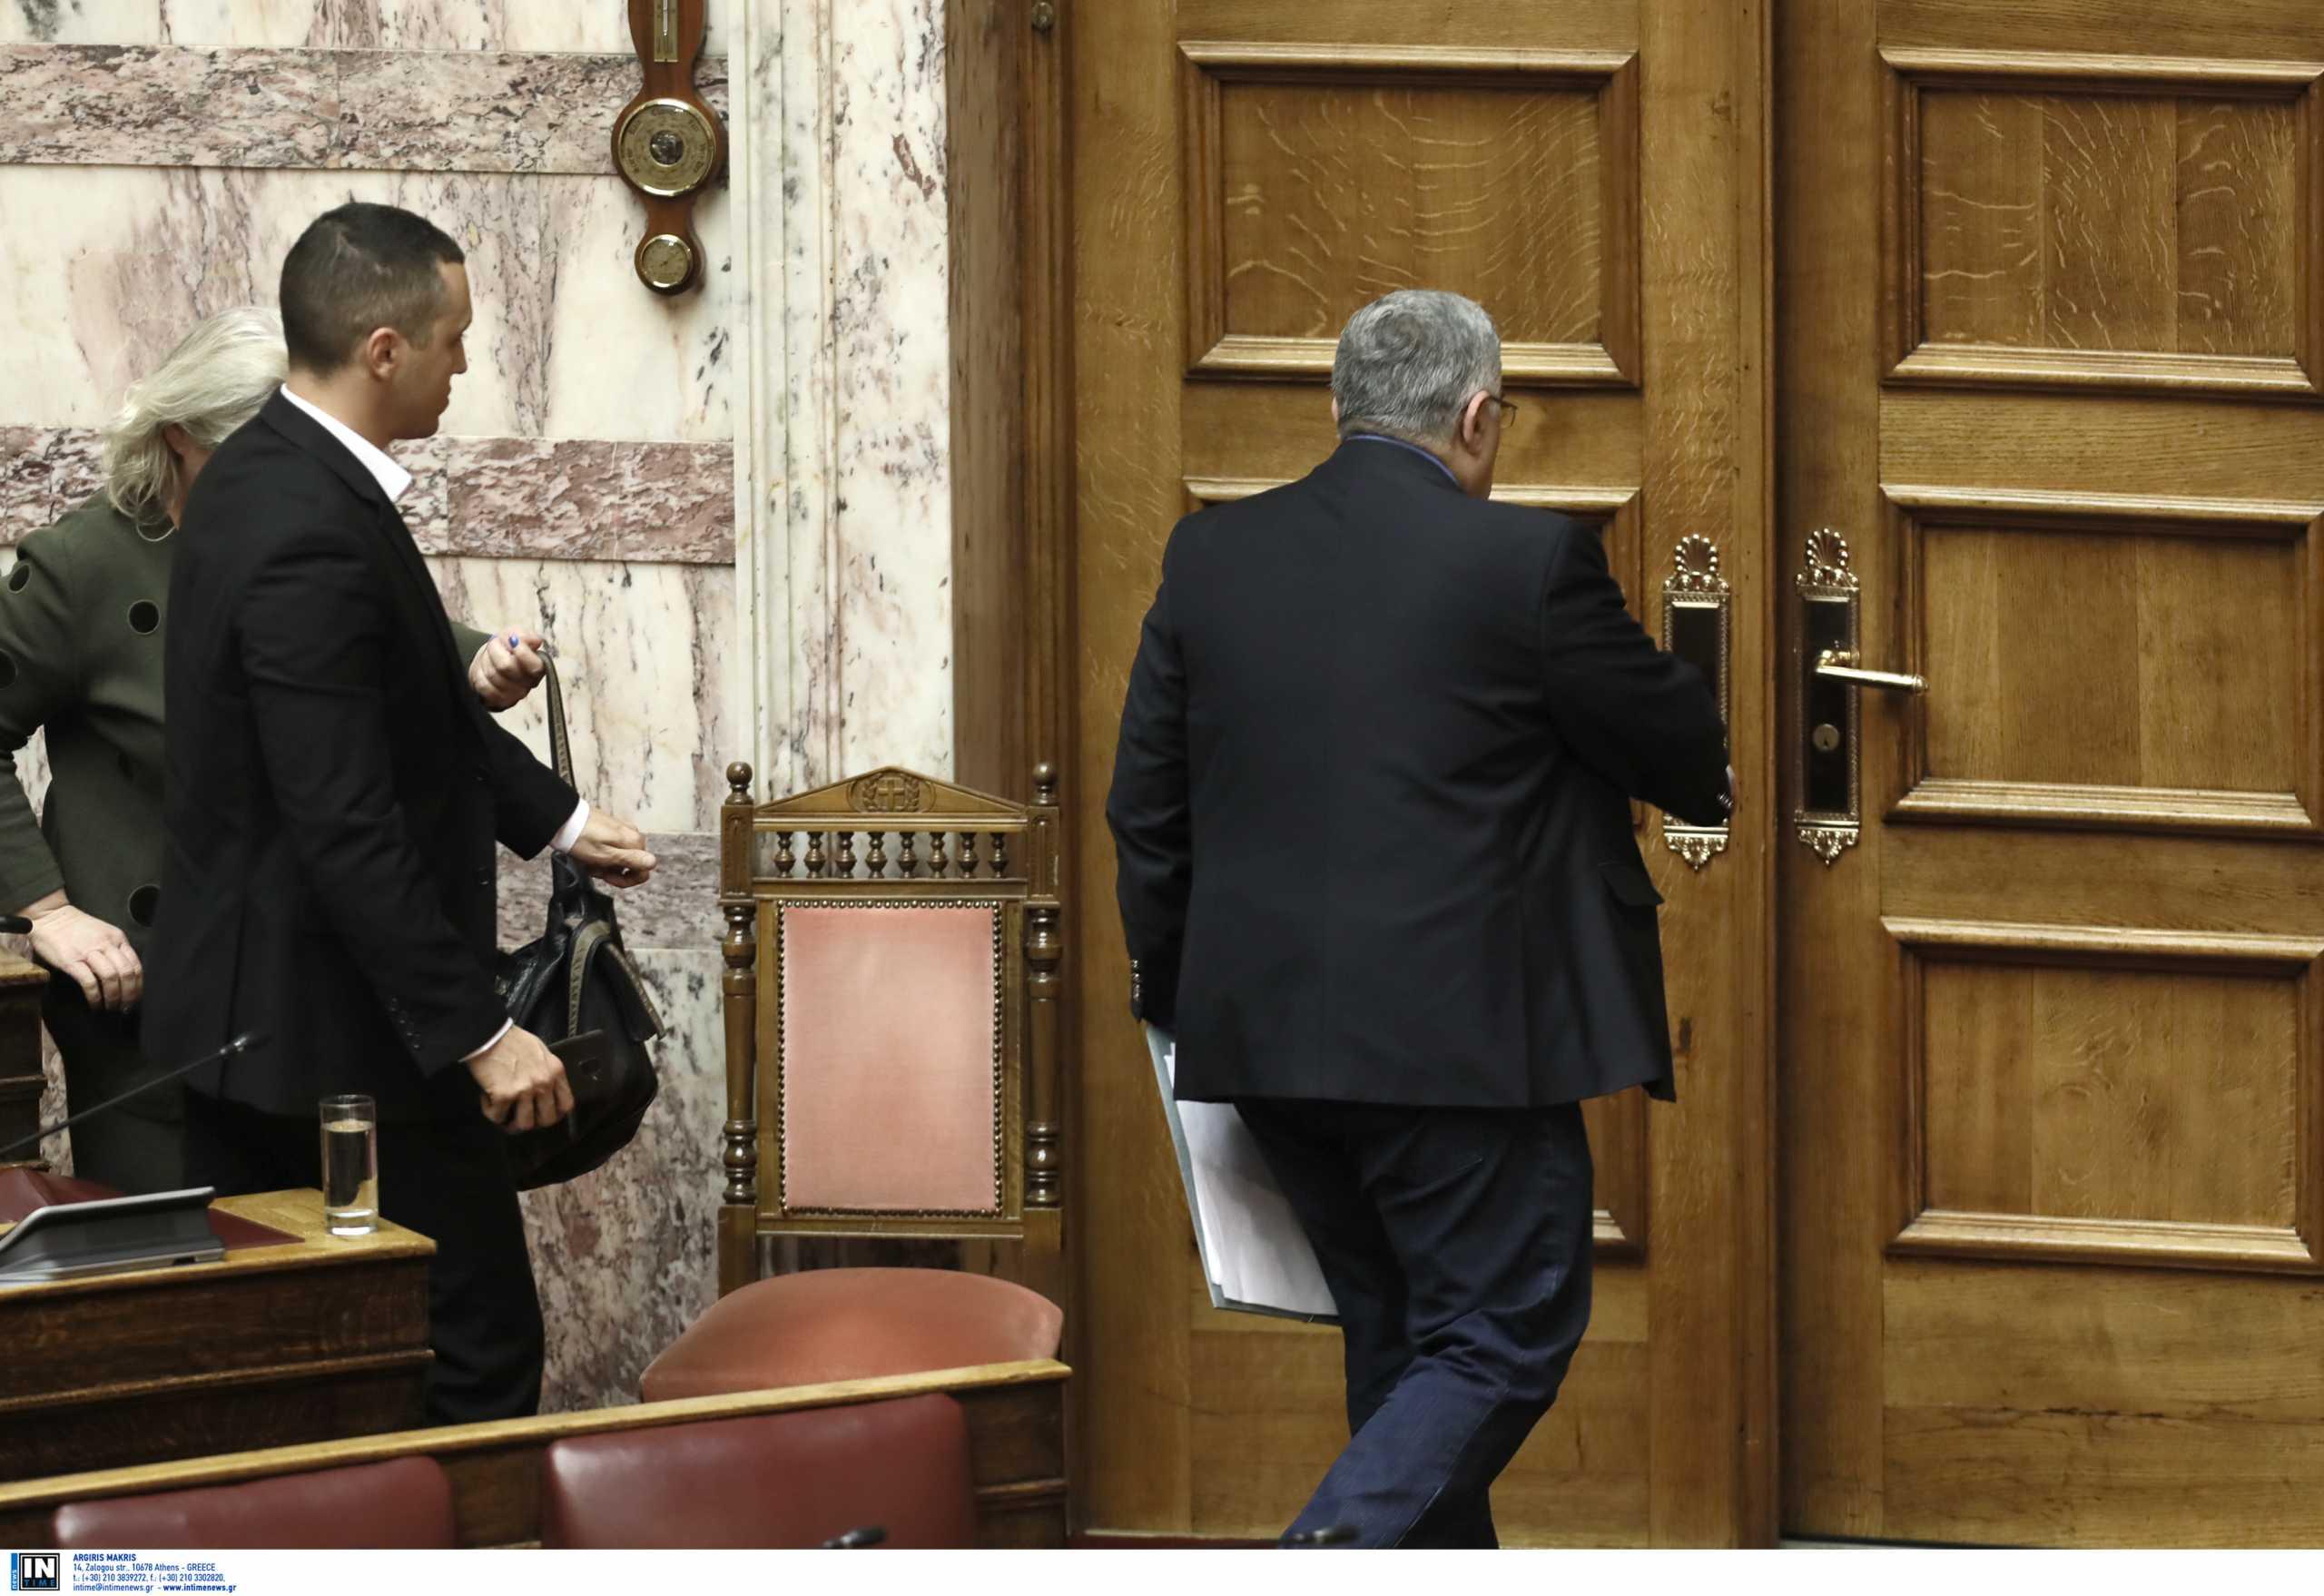 Τροπολογία Βορίδη για την στέρηση των πολιτικών δικαιωμάτων των καταδικασθέντων της Χρυσής Αυγής